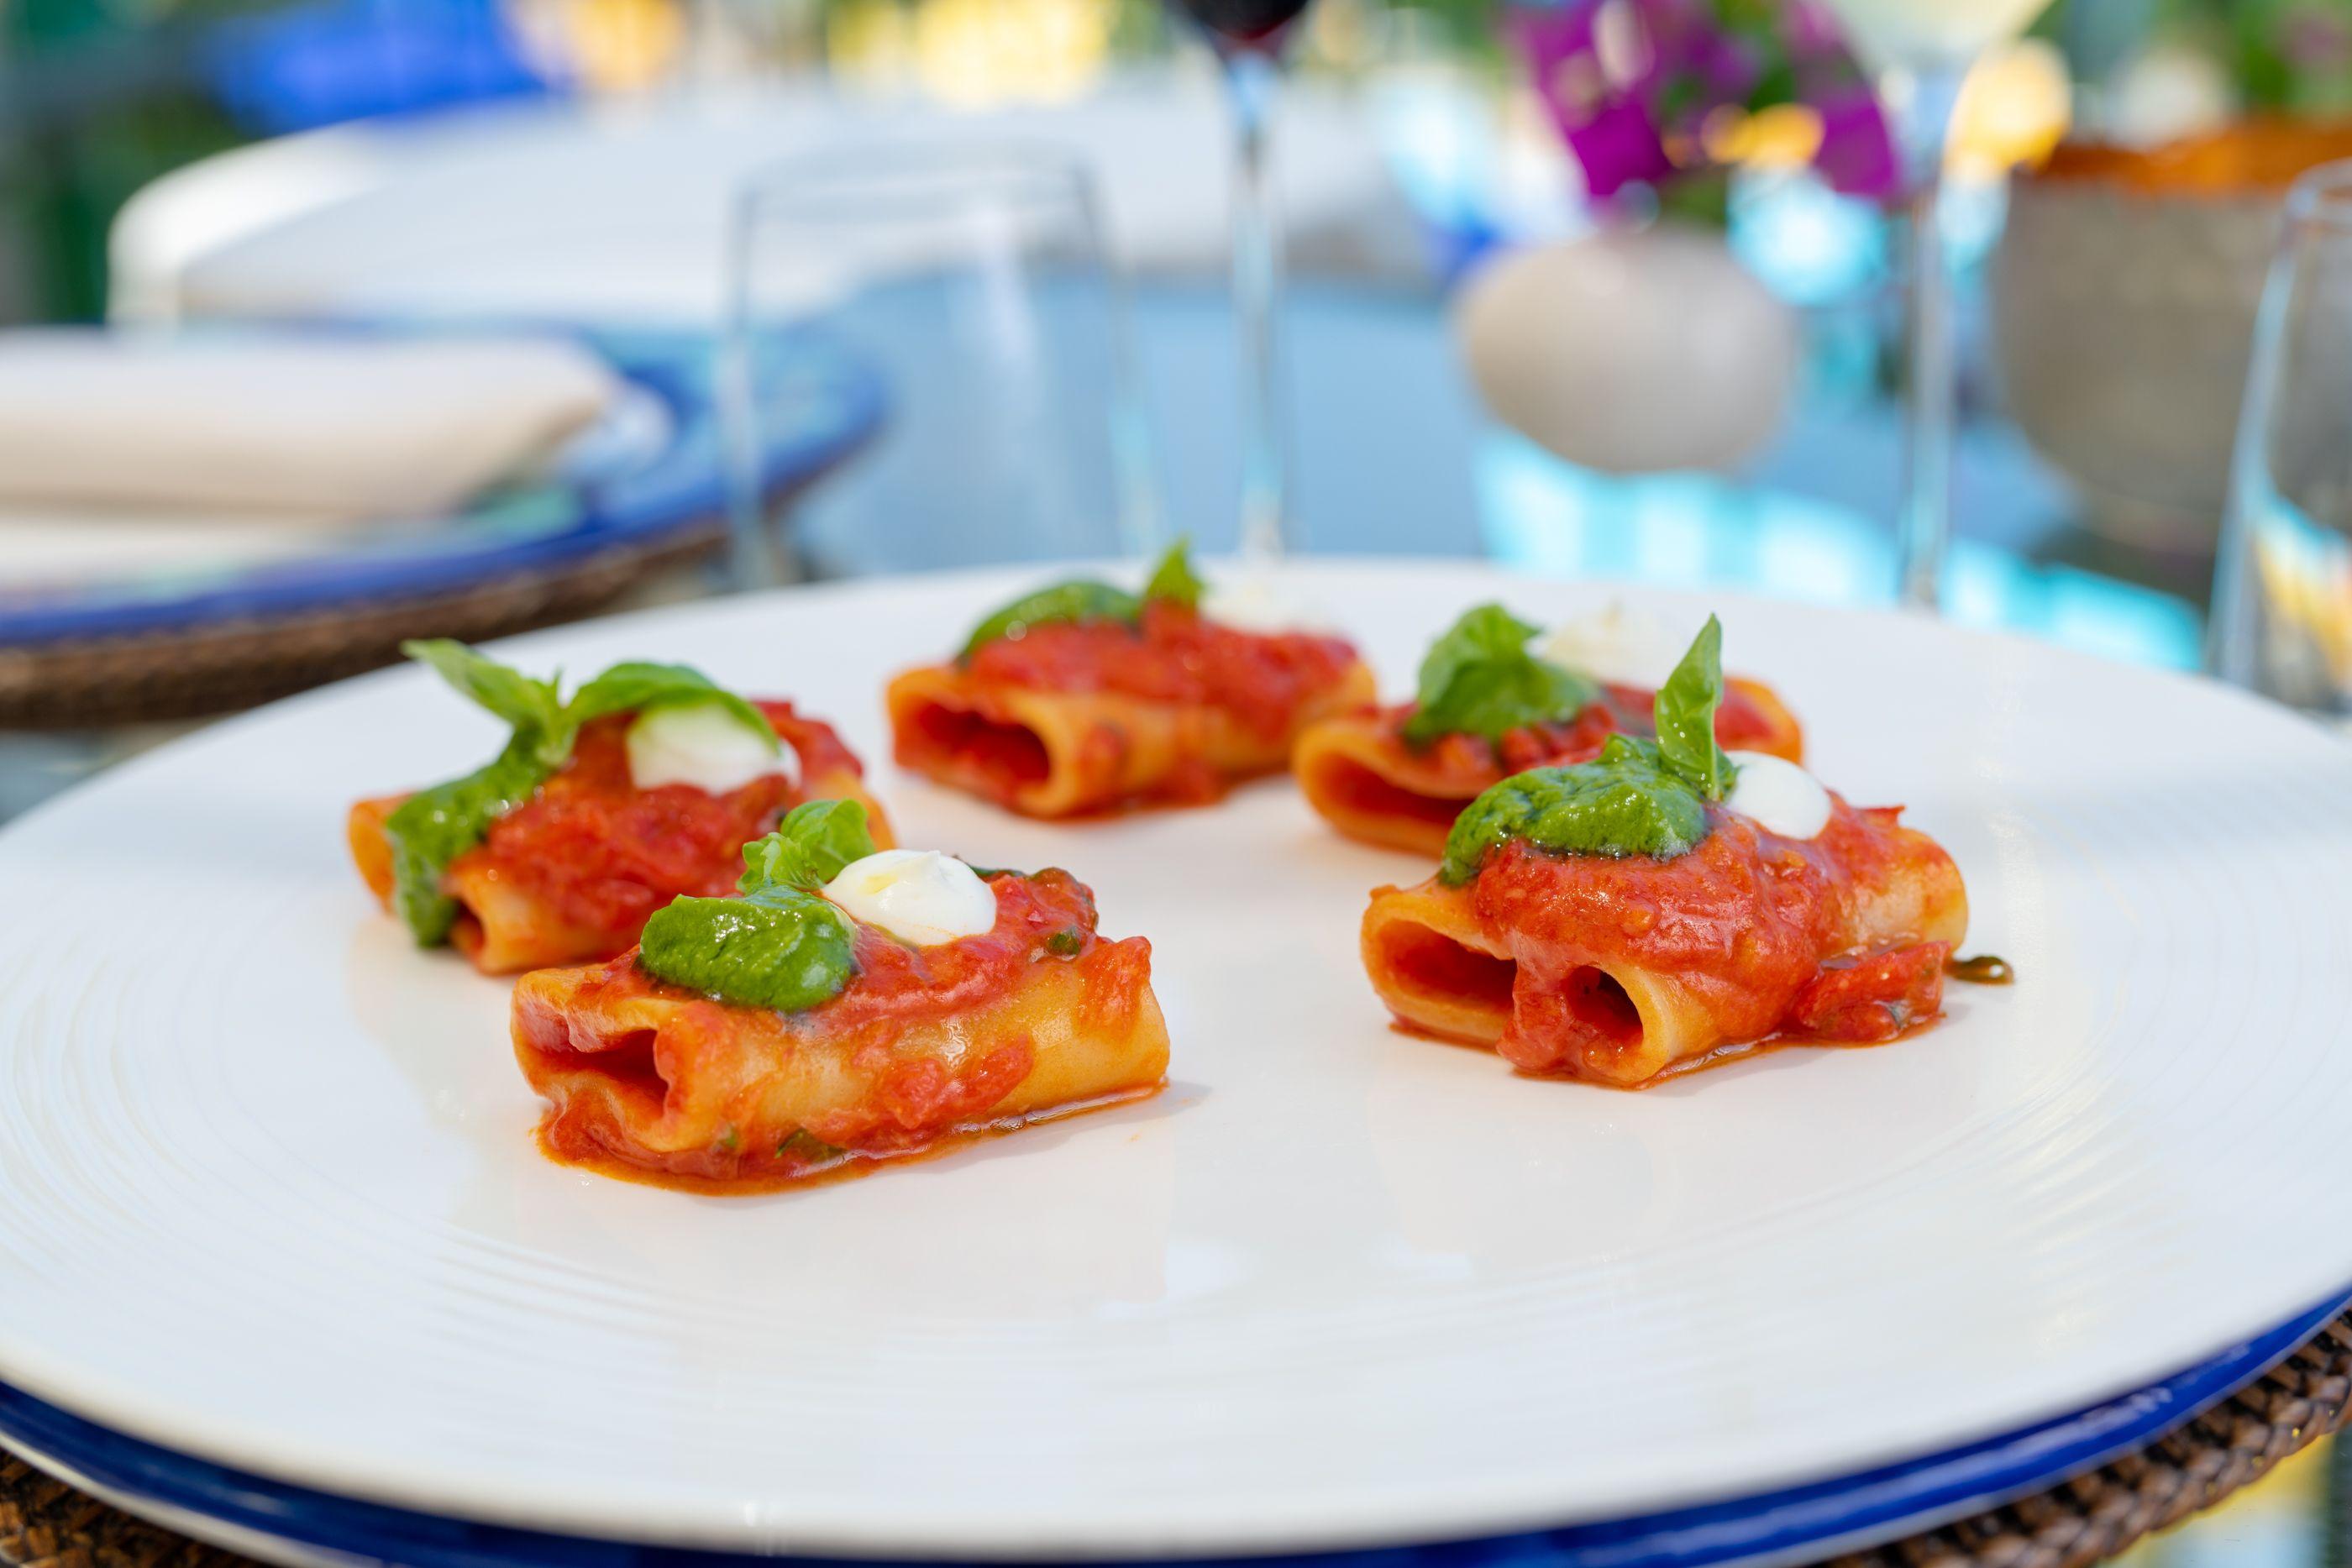 Il piatto più venduto nell'albergo di lusso a Capri: Paccheri di Gragnano con pomodoro di terra arida, pesto di basilico dall'orto e stracciatella di bufala